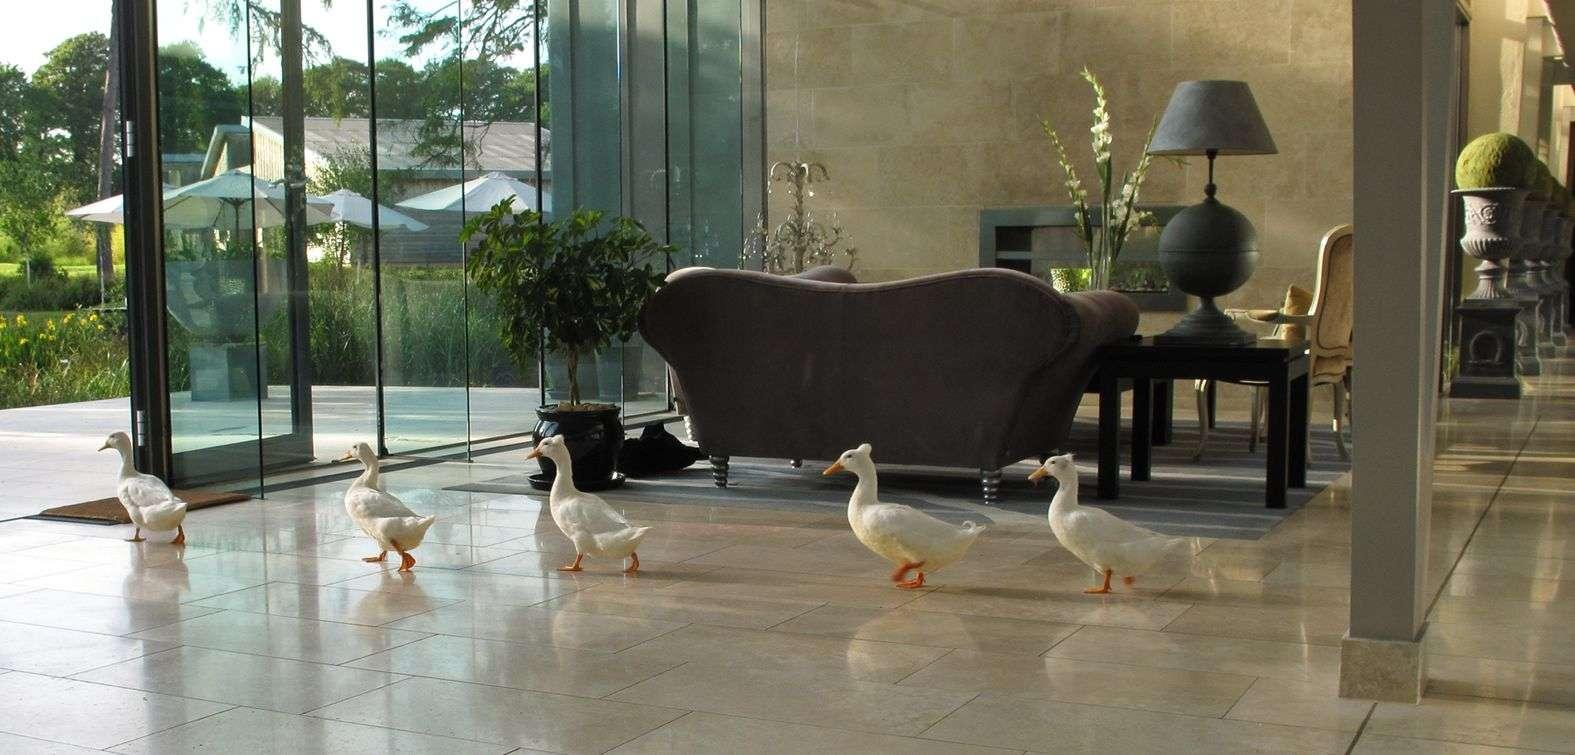 The Resident Ducks at Monart